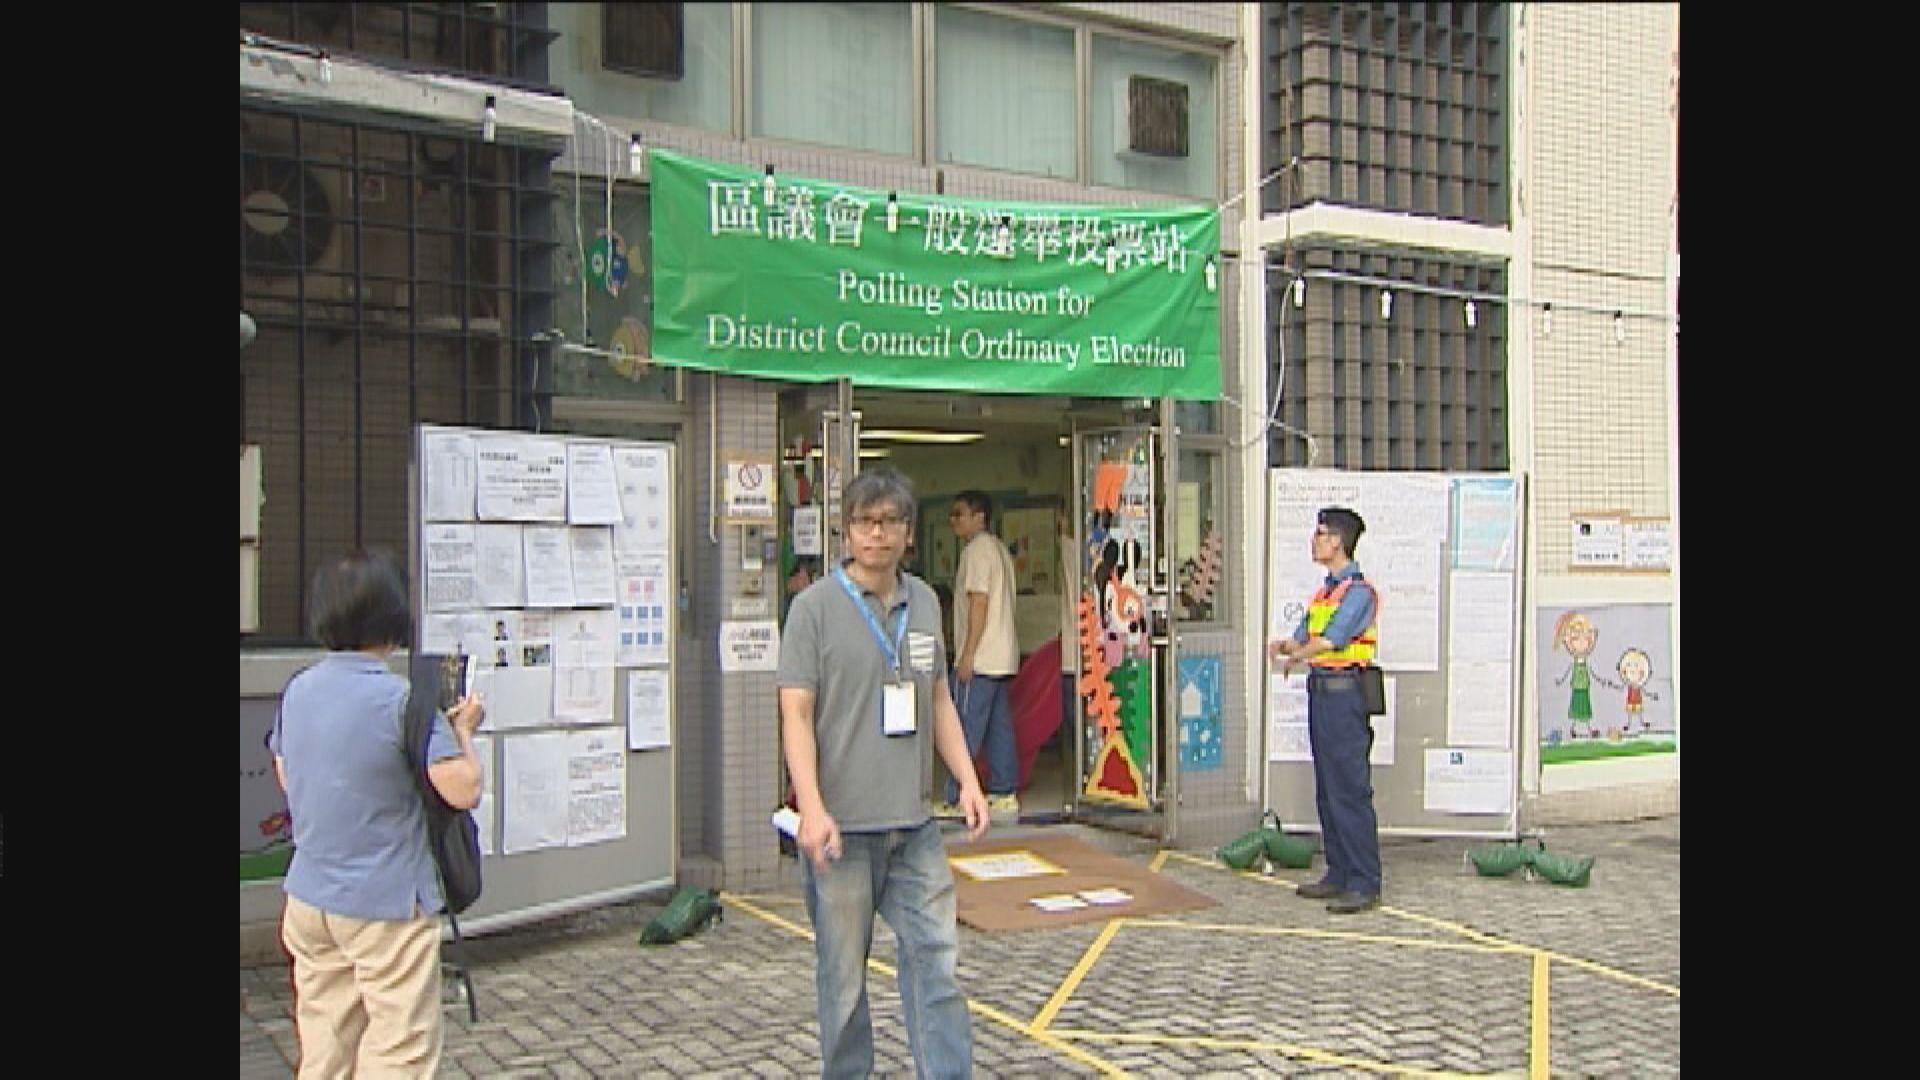 選舉事務處提醒選民帶同身分證正本前往投票